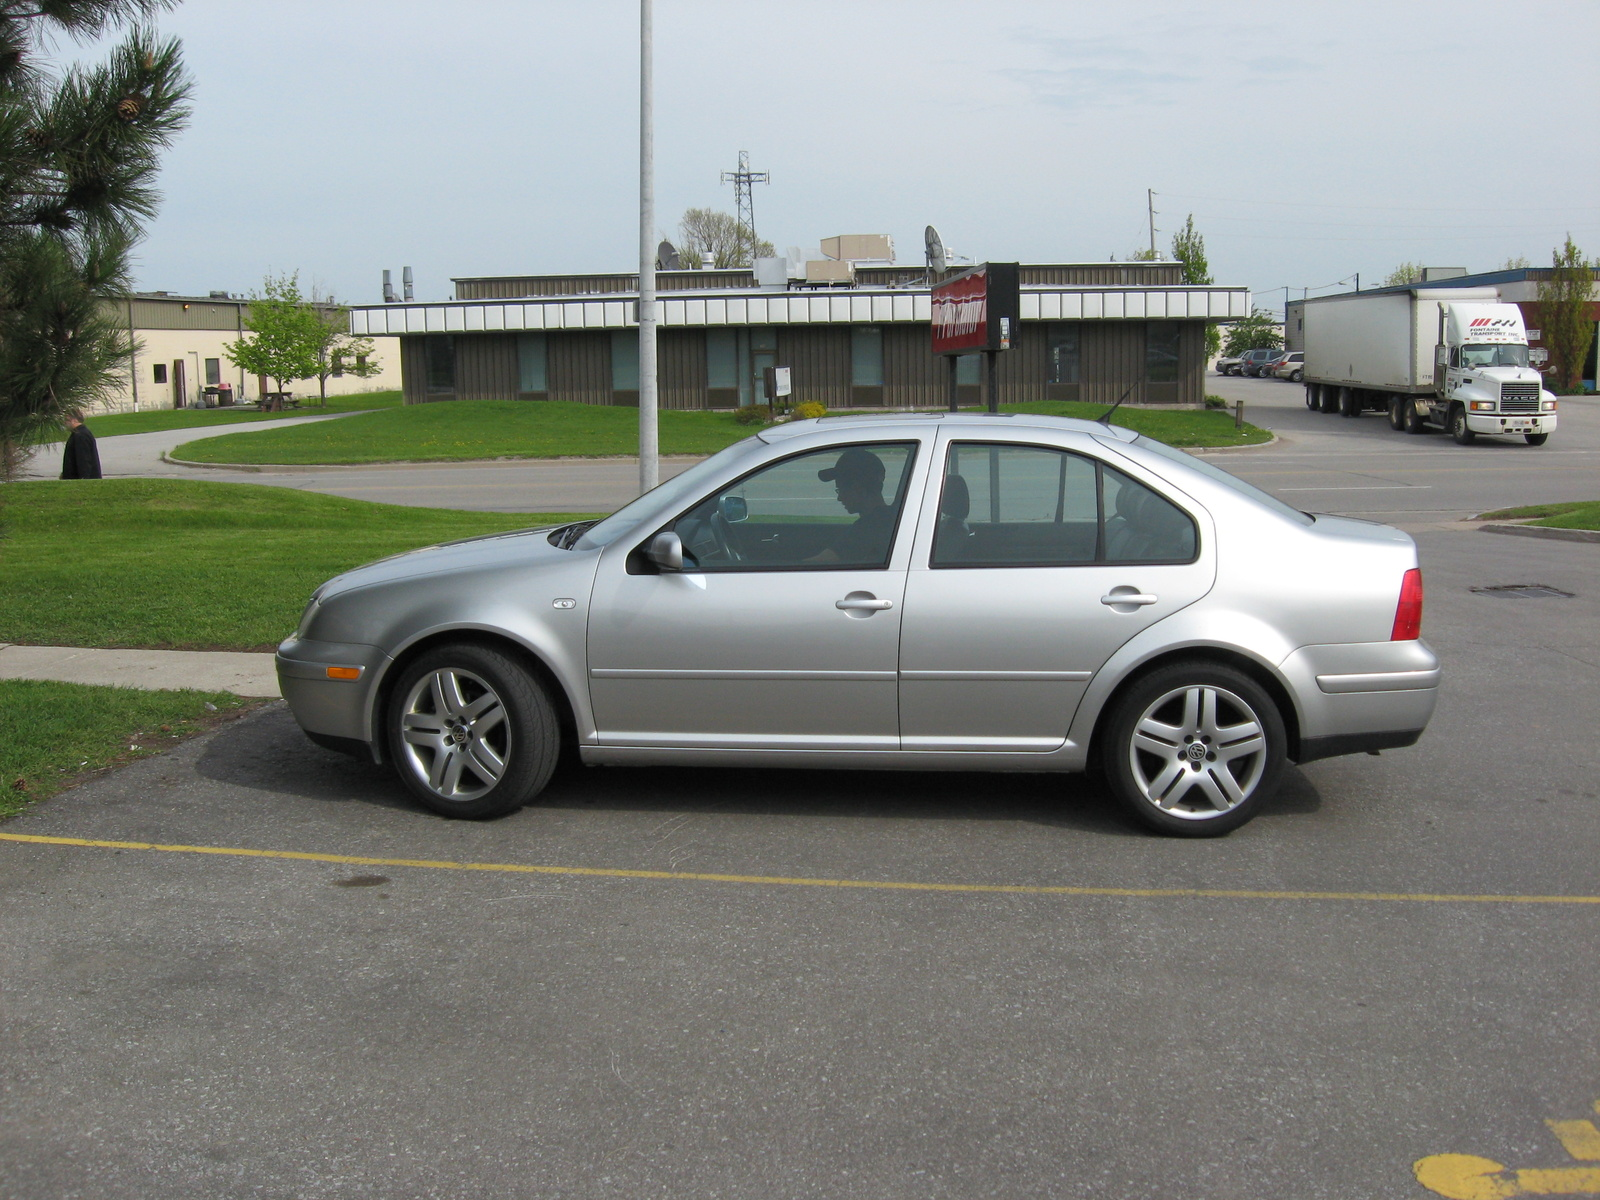 Jetta 3 Vr6 Interior >> 2001 Volkswagen Jetta - Pictures - CarGurus